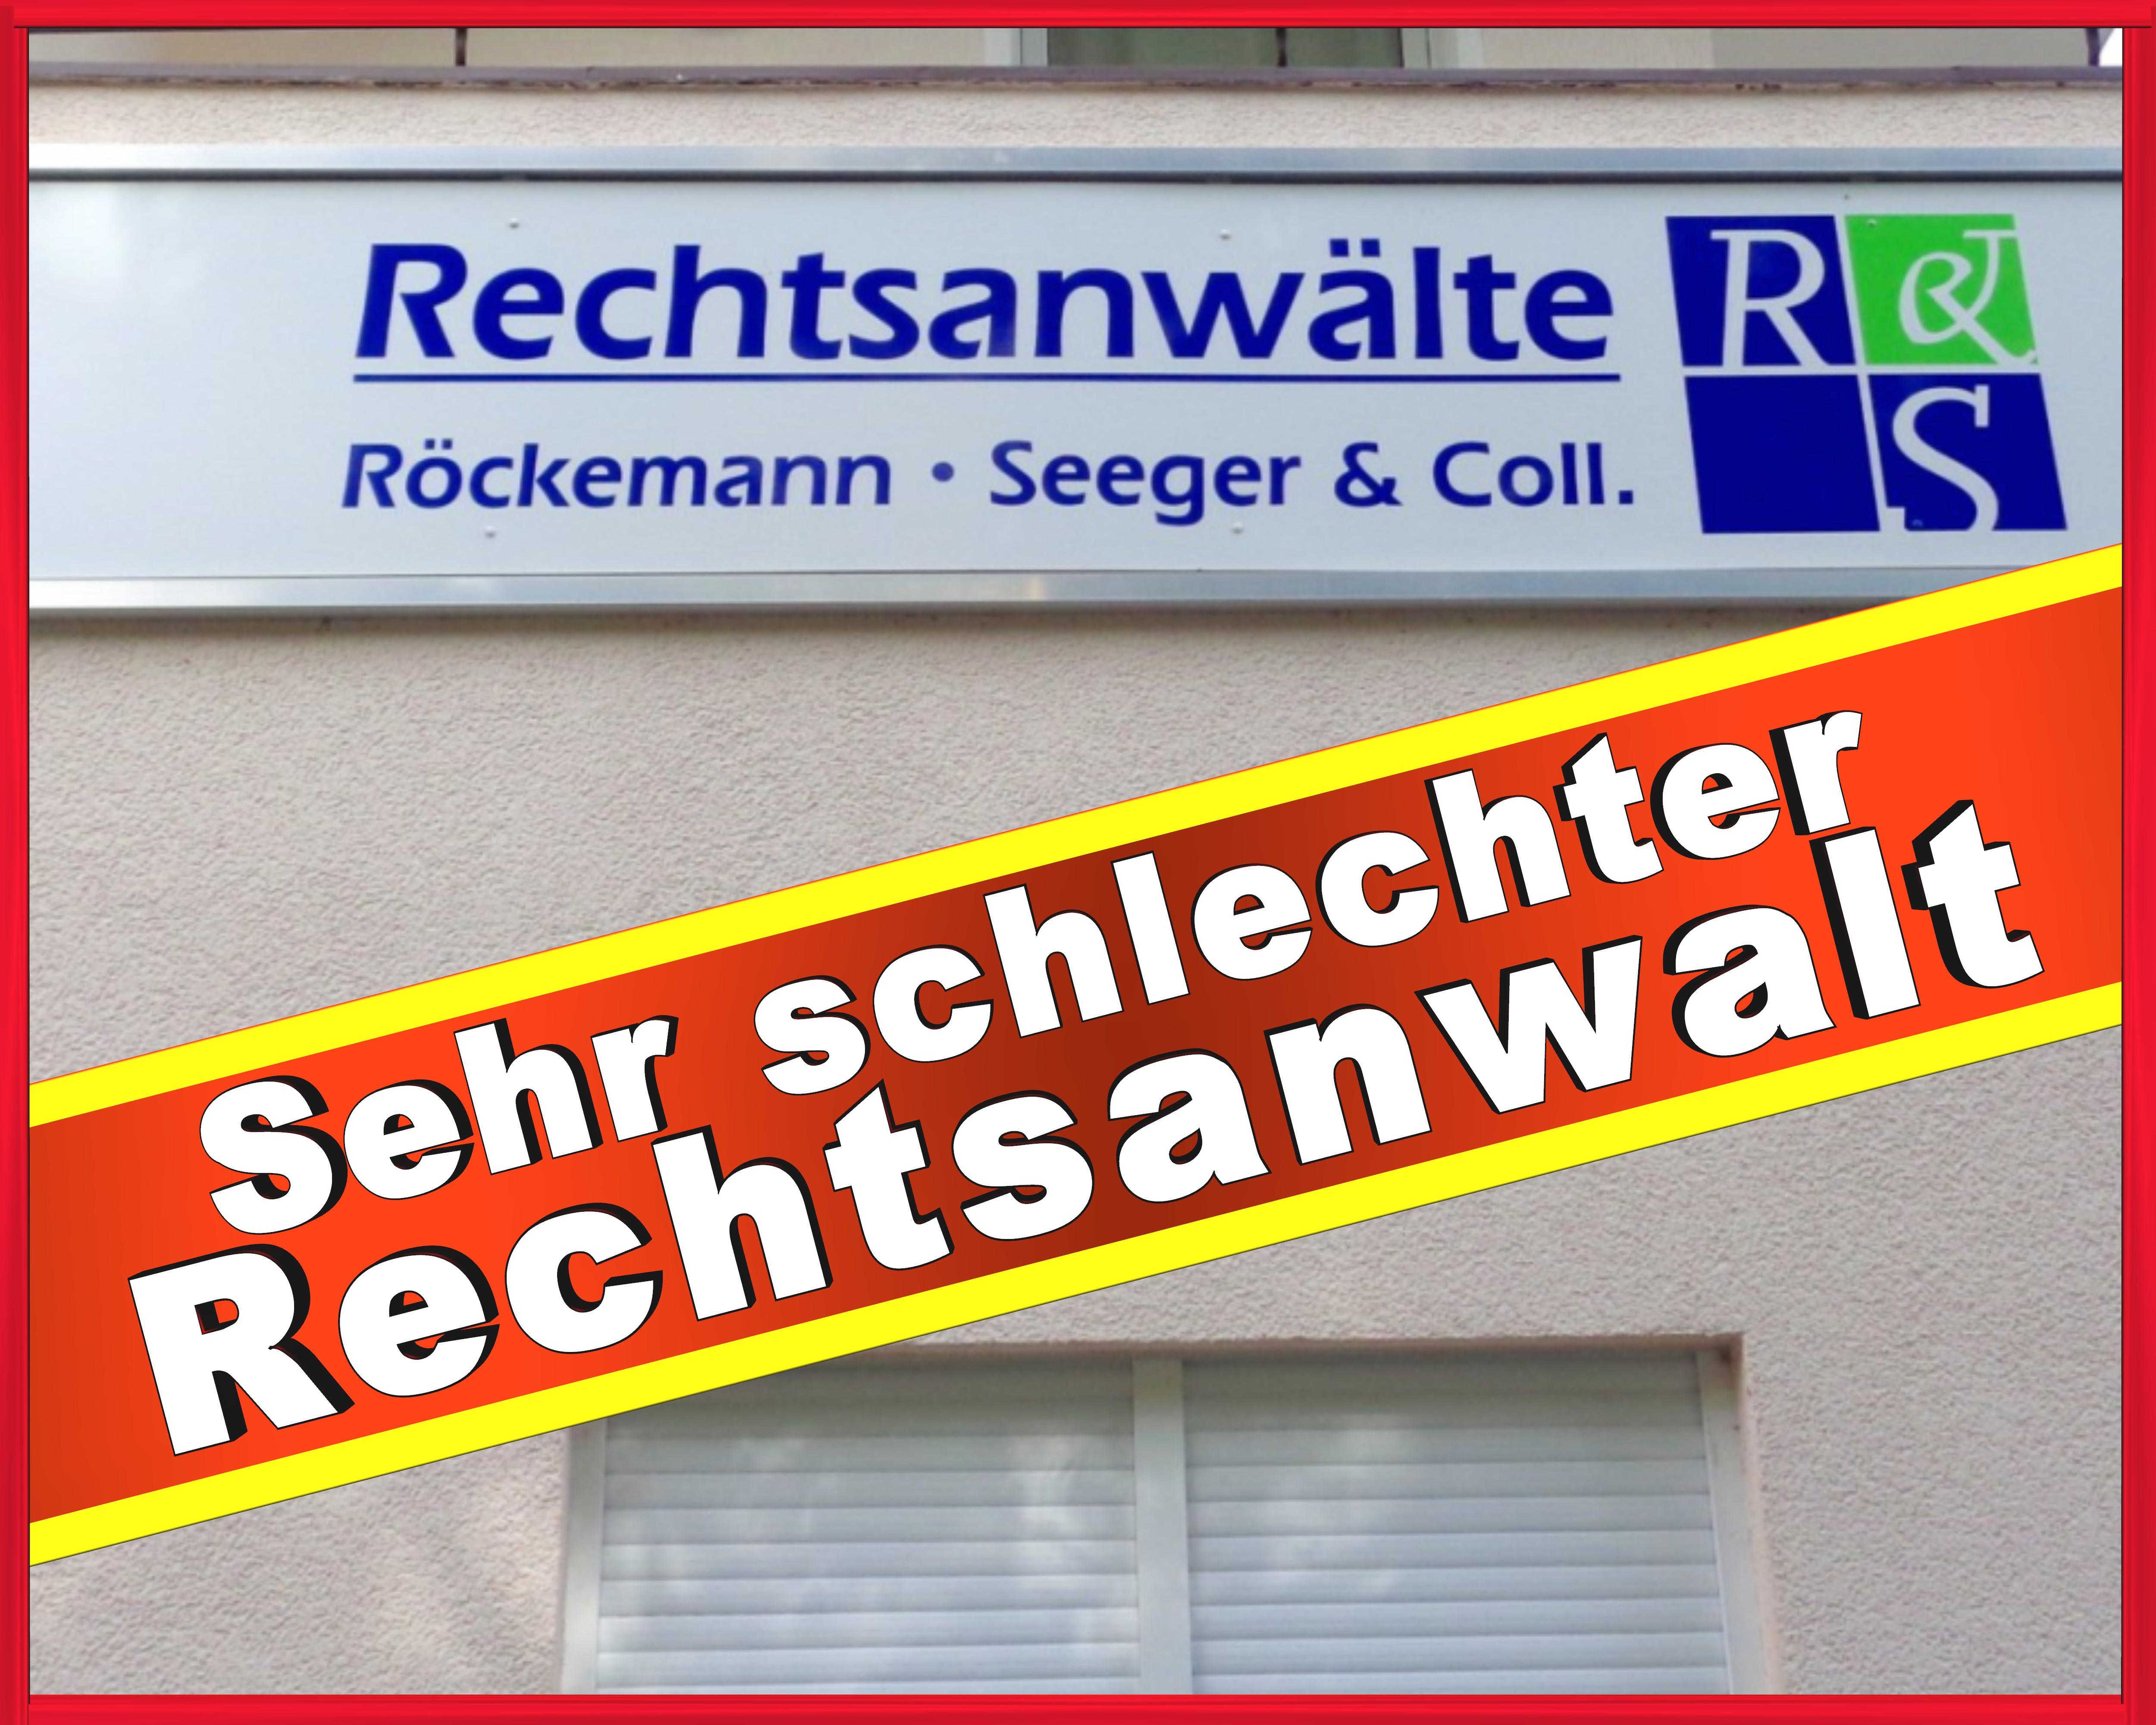 Rechtsanwalt Thomas Röckemann Sandtrift Minden Kanzlei - Rechtsanwalt Thomas Röckemann AfD Rechtsanwälte Röckmann, Seeger & Coll. in Minden